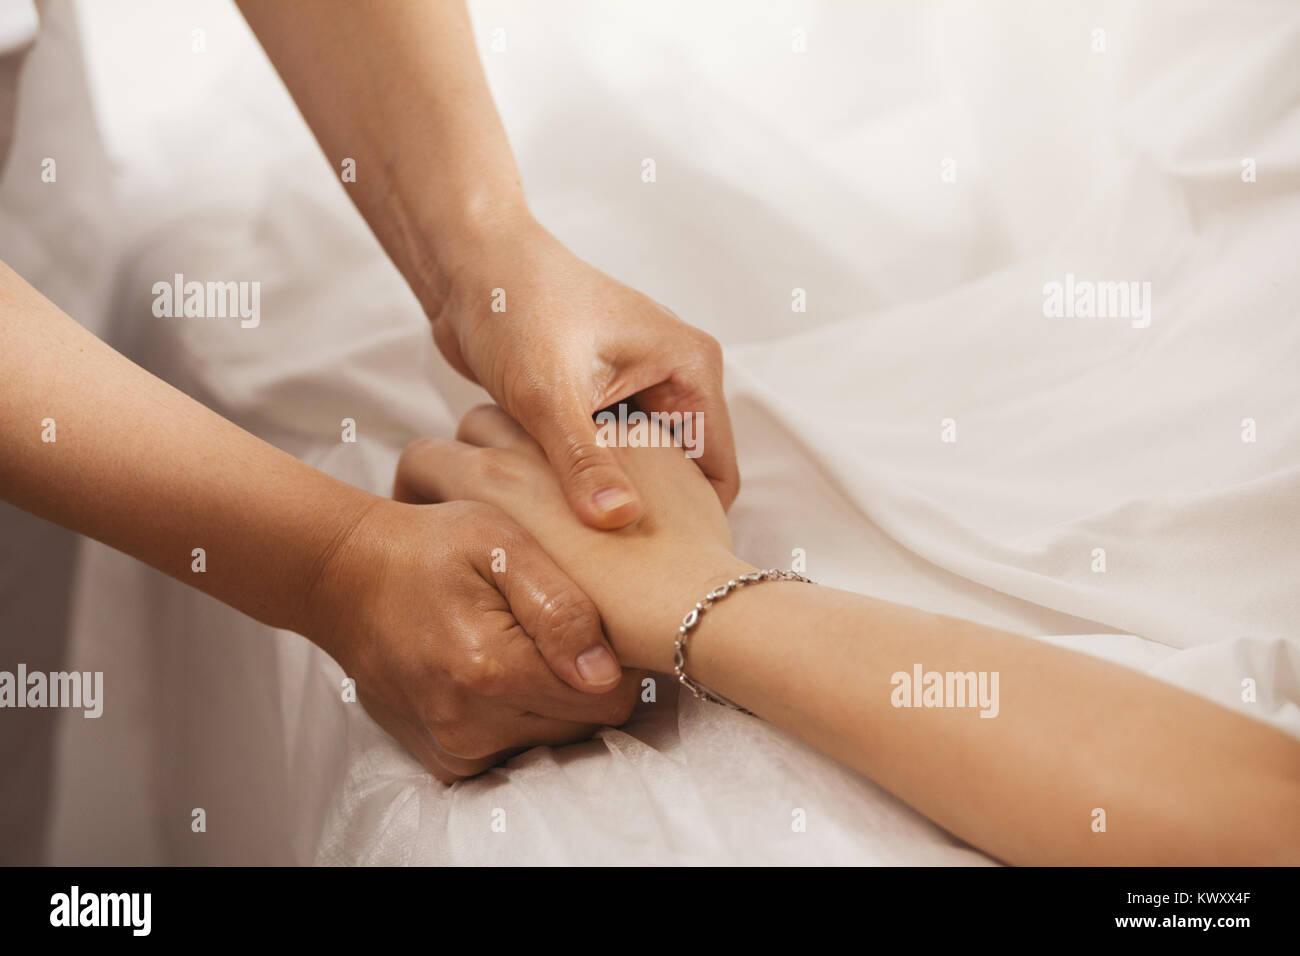 Haciendo un terapeuta de masaje de puntos de presión de la mano de mujer Imagen De Stock